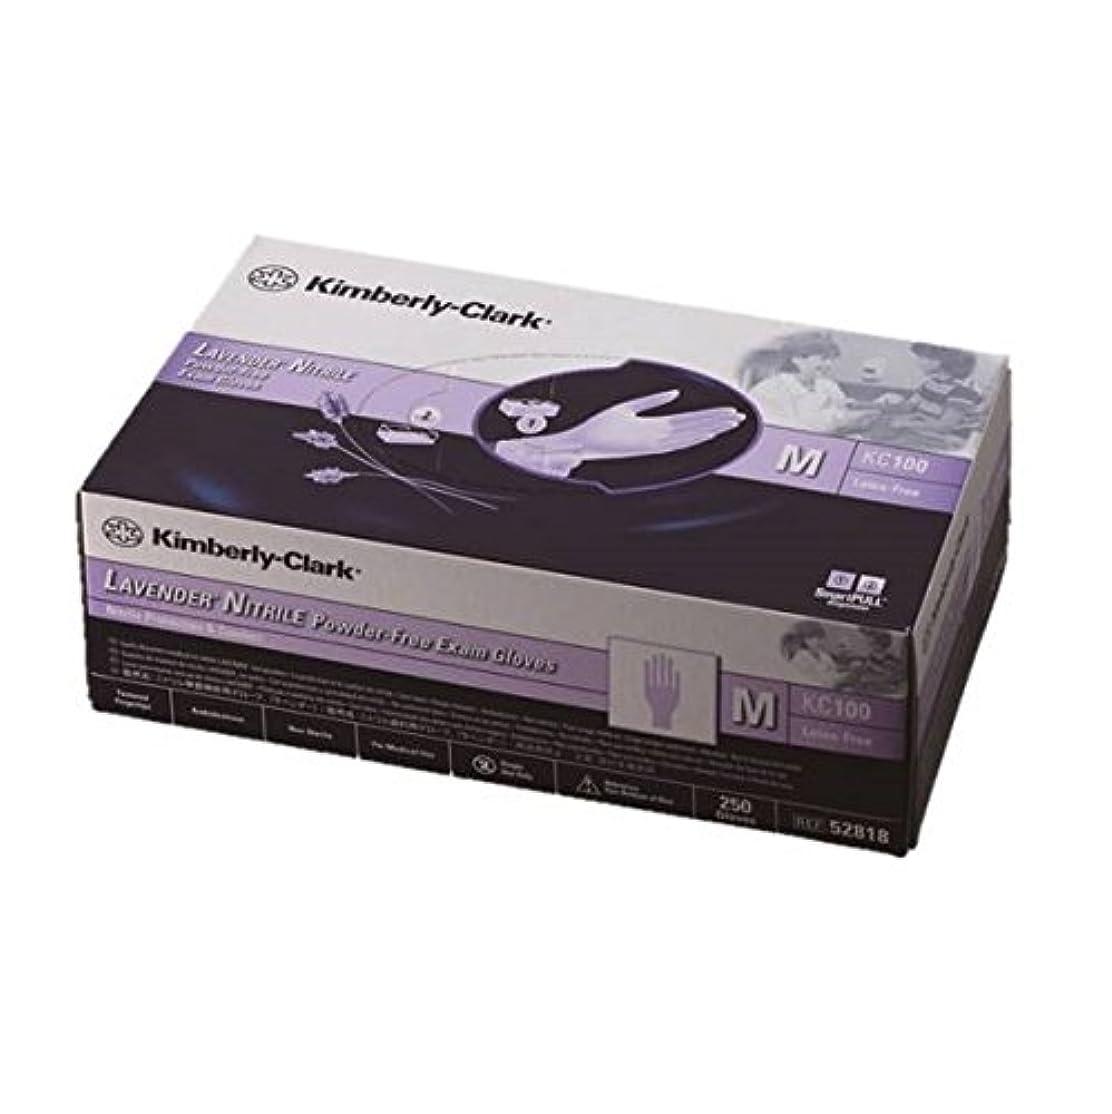 ラブゆるい明示的にラベンダー ニトリル グローブ 10 箱